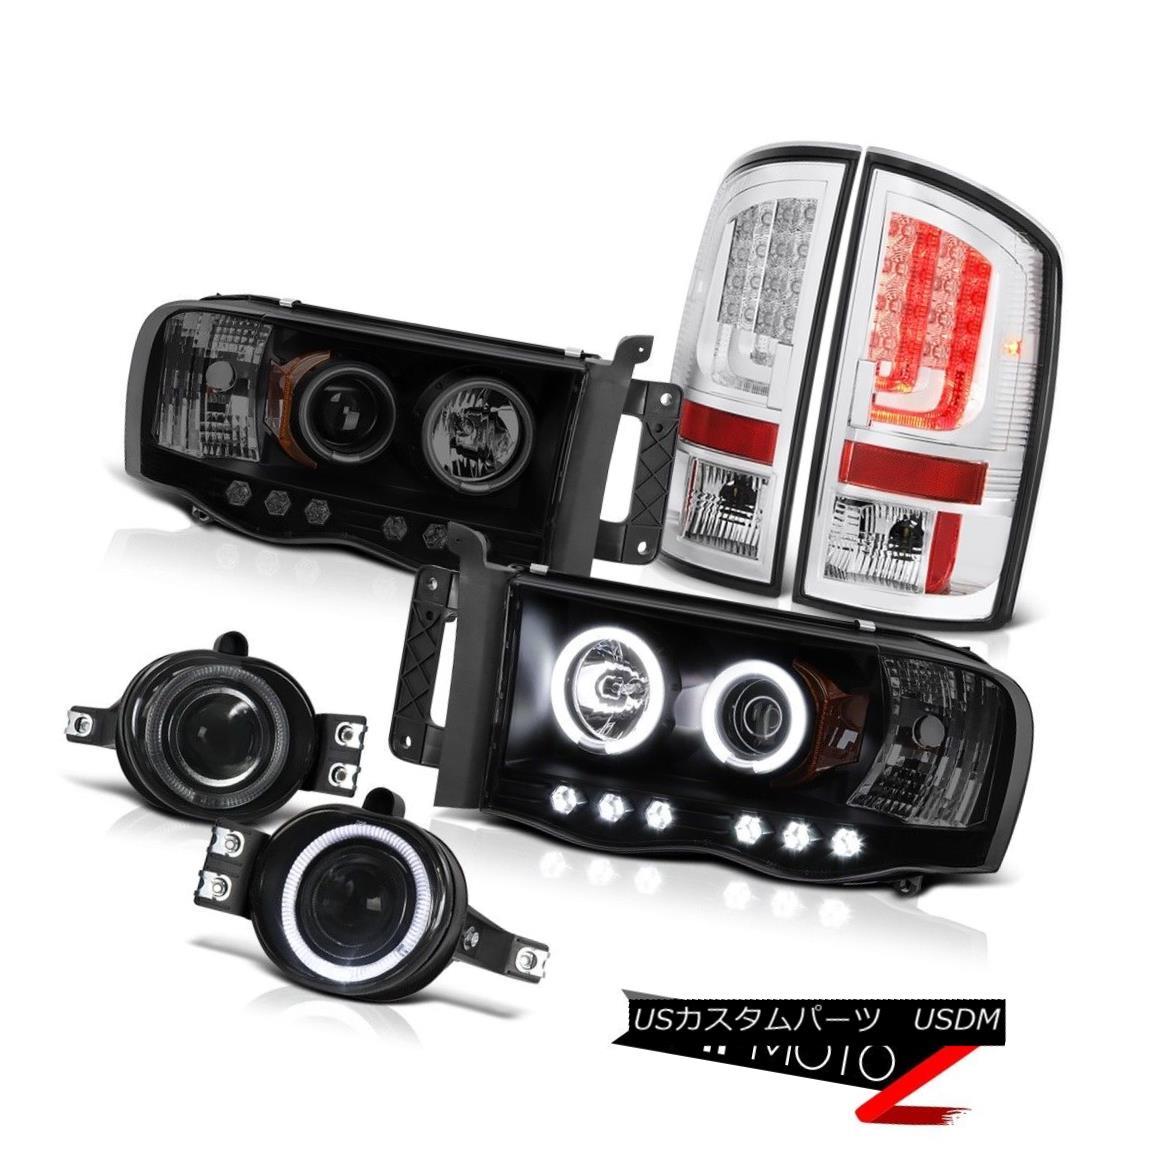 テールライト 02-05 Dodge Ram 1500 1500 3.7L Chrome Tail Lights Projector Headlights Fog Cool 02-05ダッジラム1500 1500 3.7Lクロームテールライトプロジェクターヘッドライトフォグクール